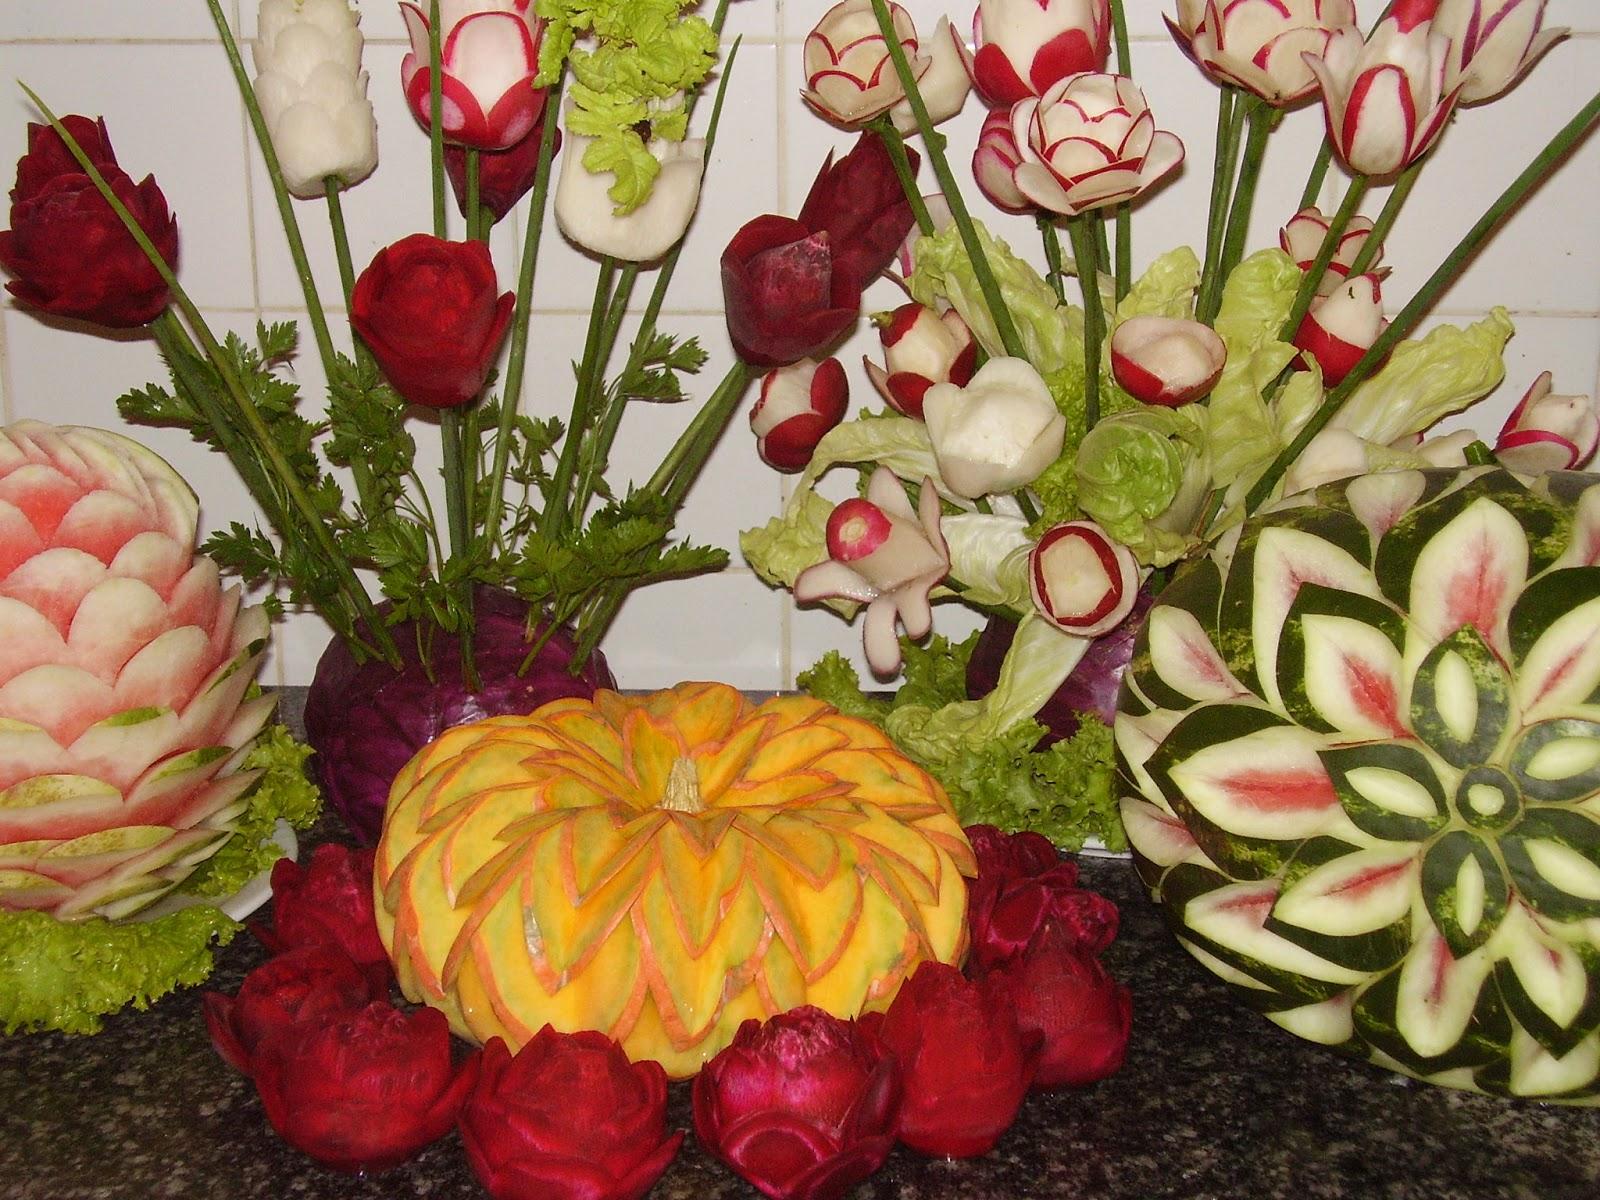 Historia del tallado decoraciones en frutas for Como secar frutas para decoracion